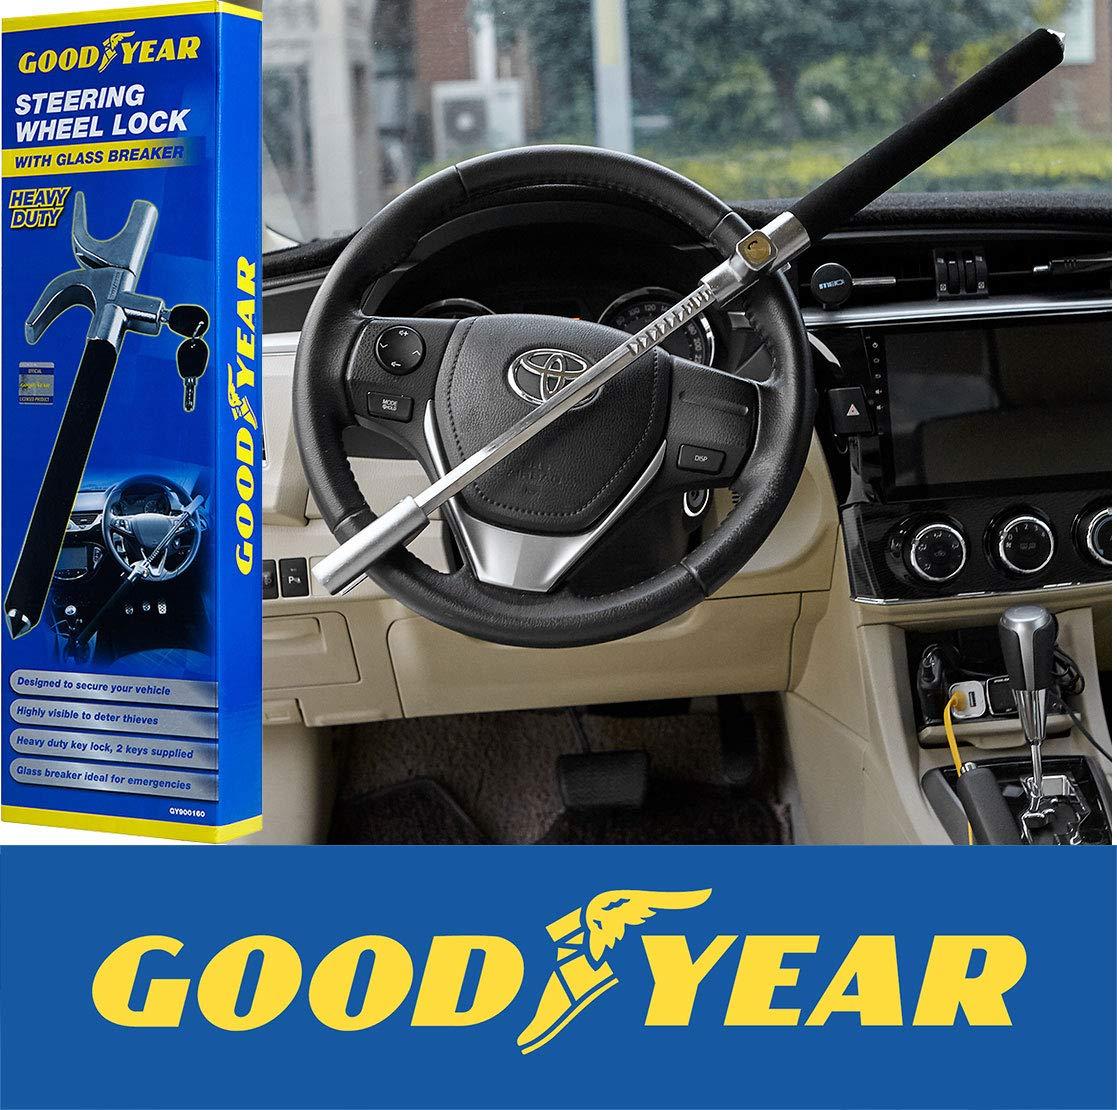 Goodyear GY900160 Heavy Duty Steering Wheel Lock with Emergency Glass Breaker and 2 Keys